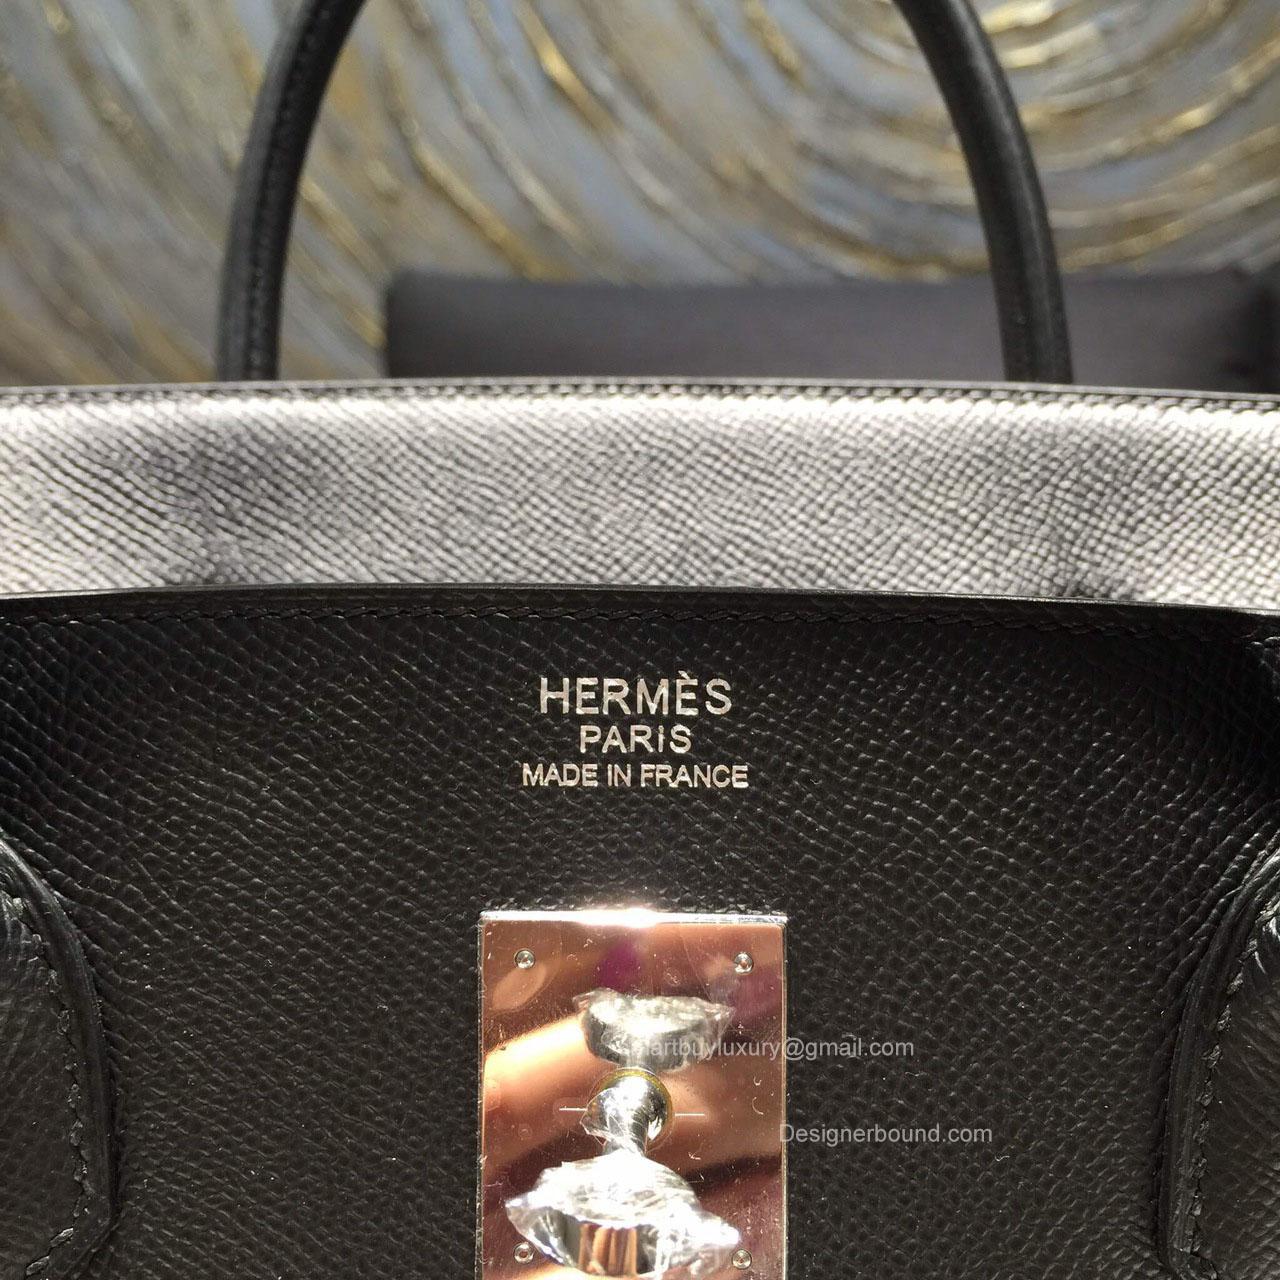 Hermes Birkin 40 Black Epsom Leather Bag Handstitched Silver hw -